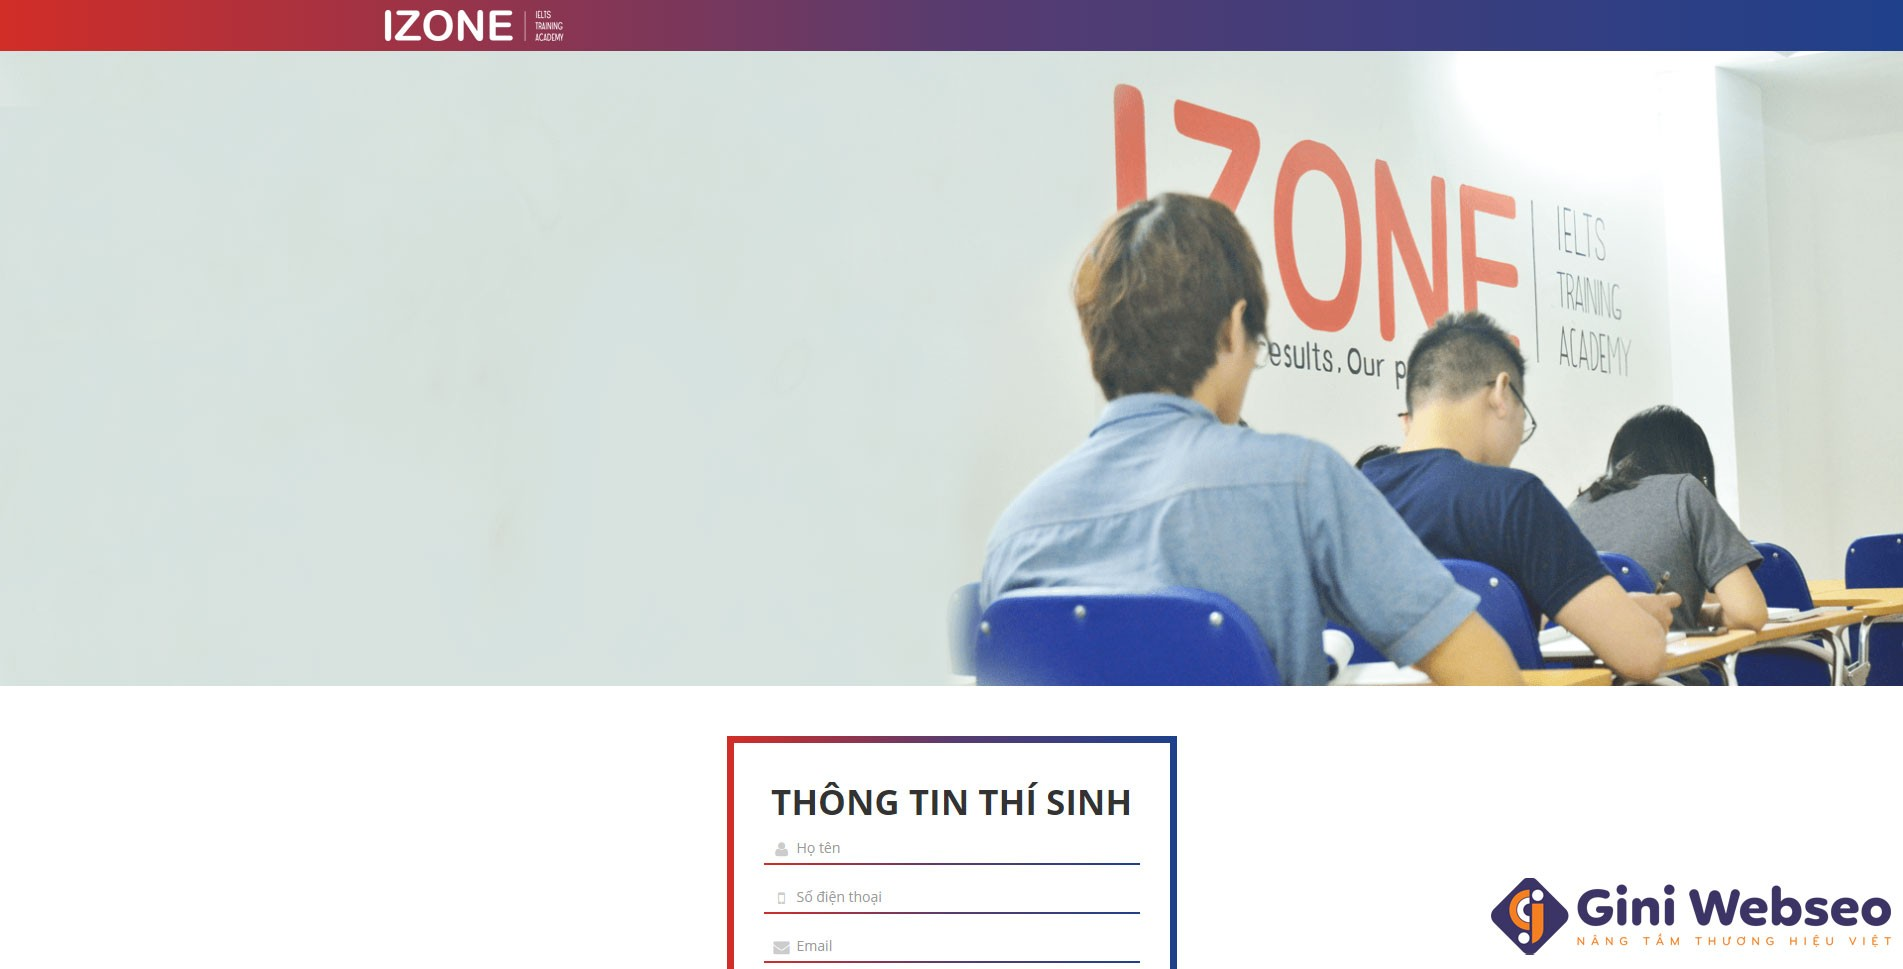 Thiết kế website trung tâm tiếng Anh IZONE